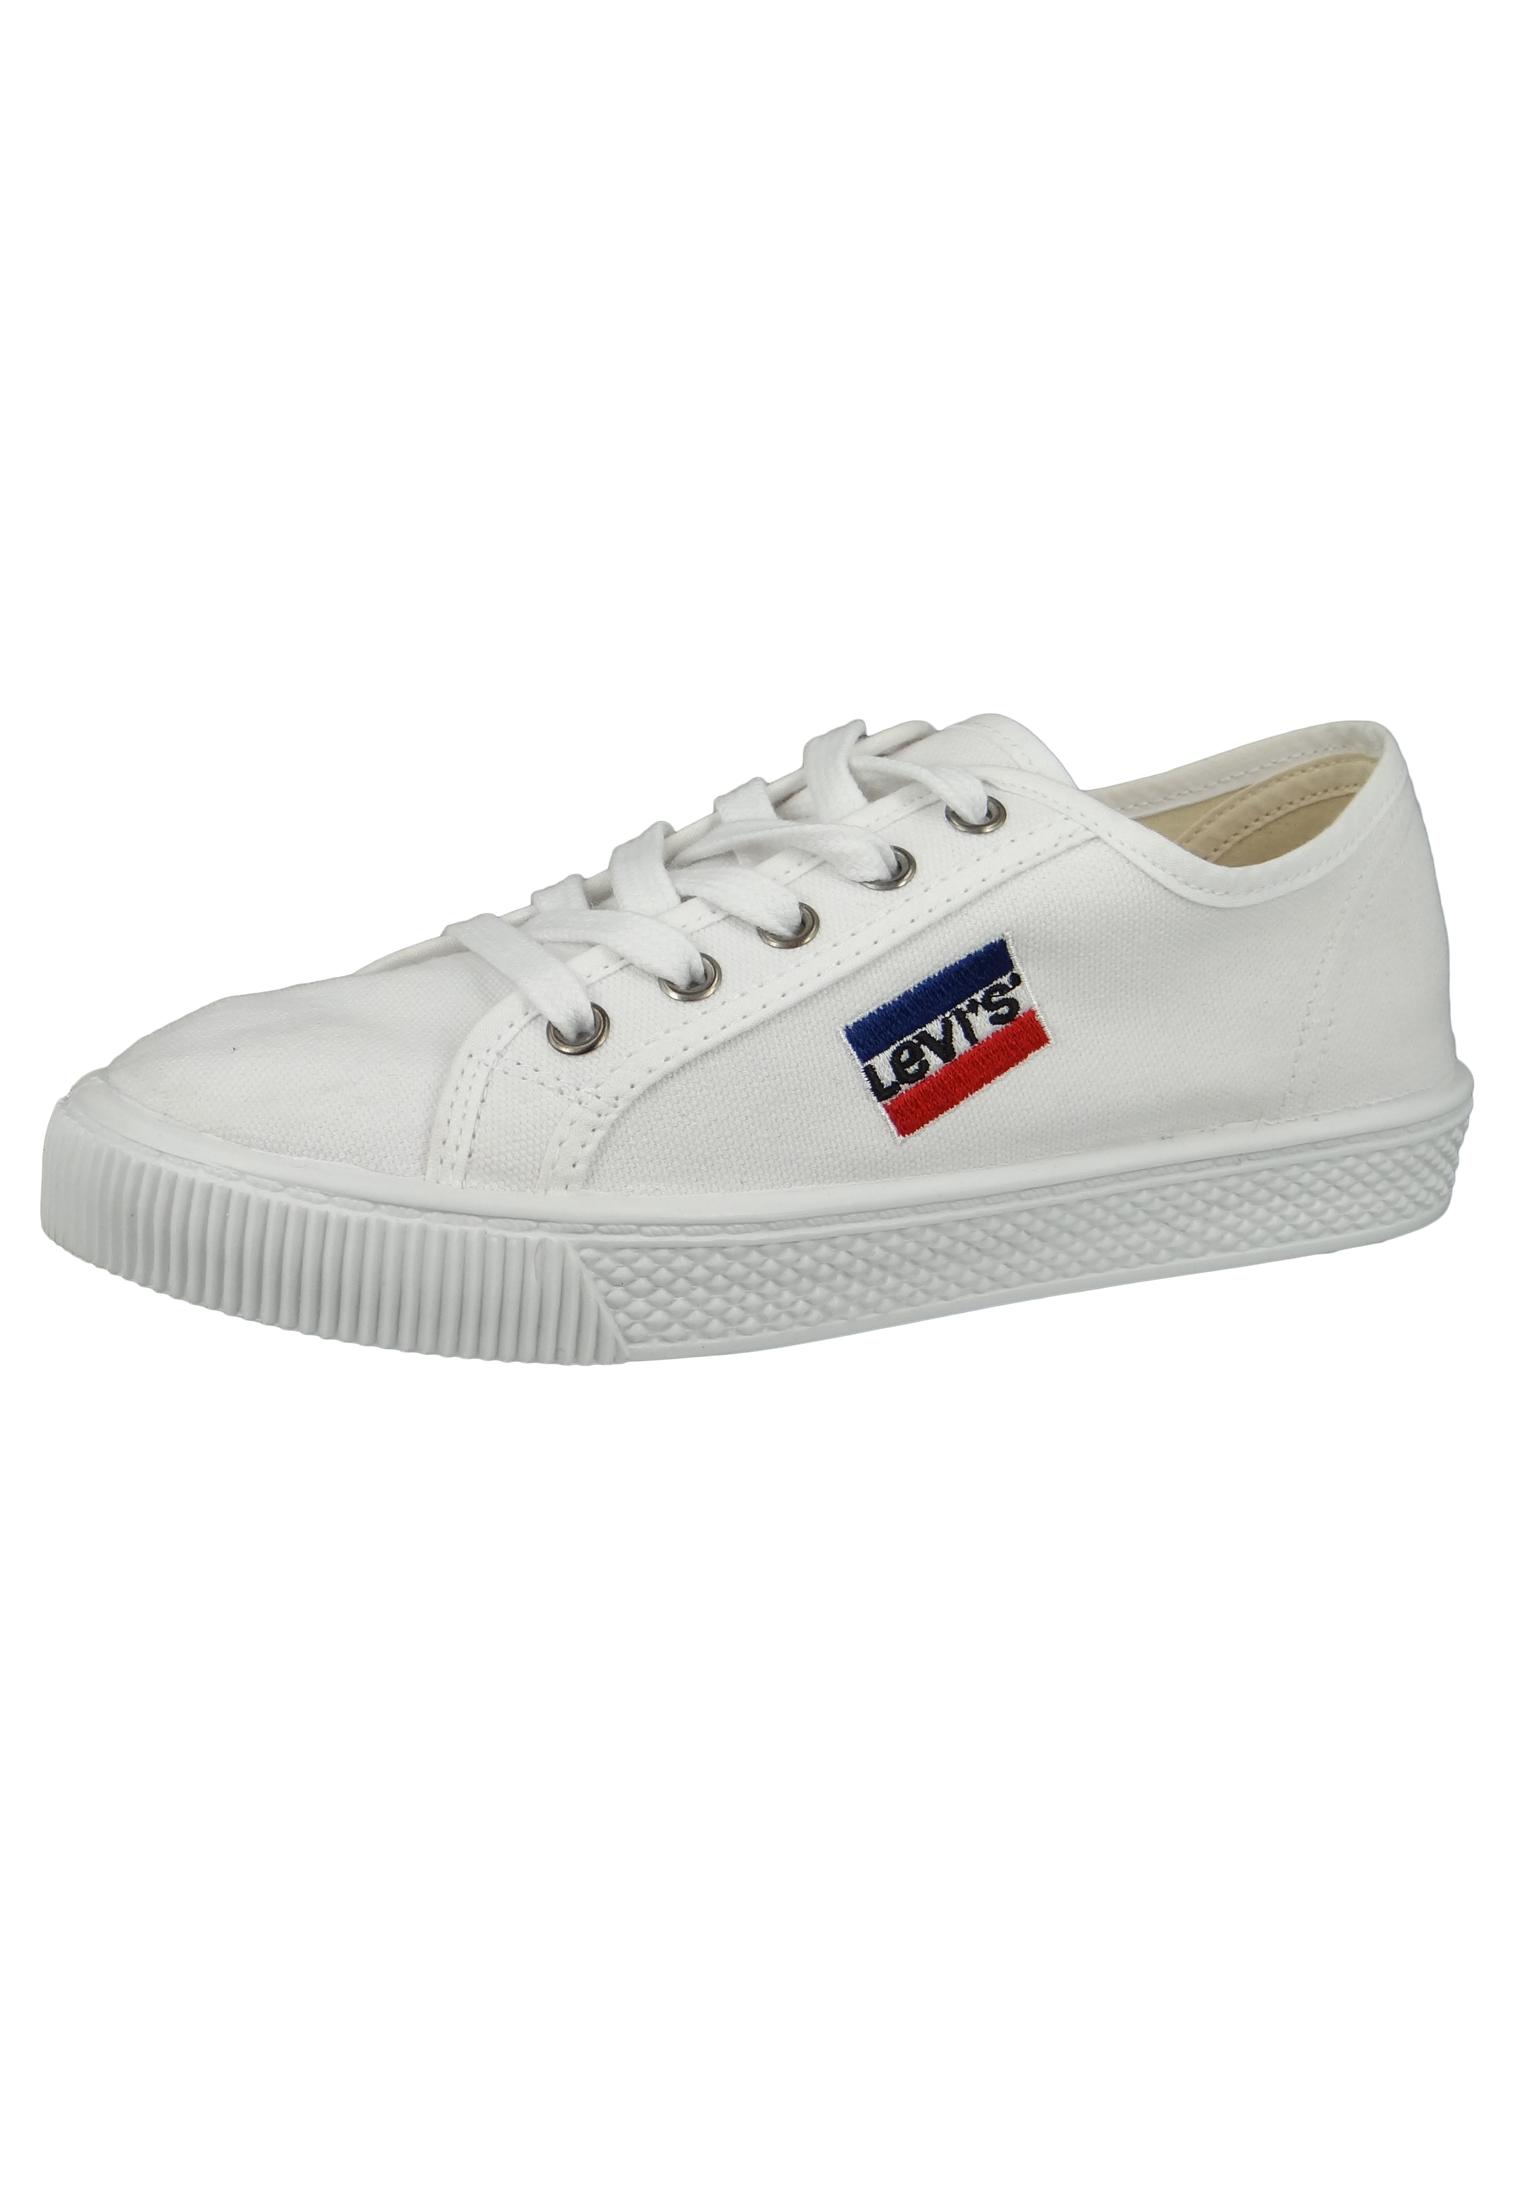 Levis Malibu Sportswear S 228719 733 50 Damen Sneaker Brilliant White Weiss